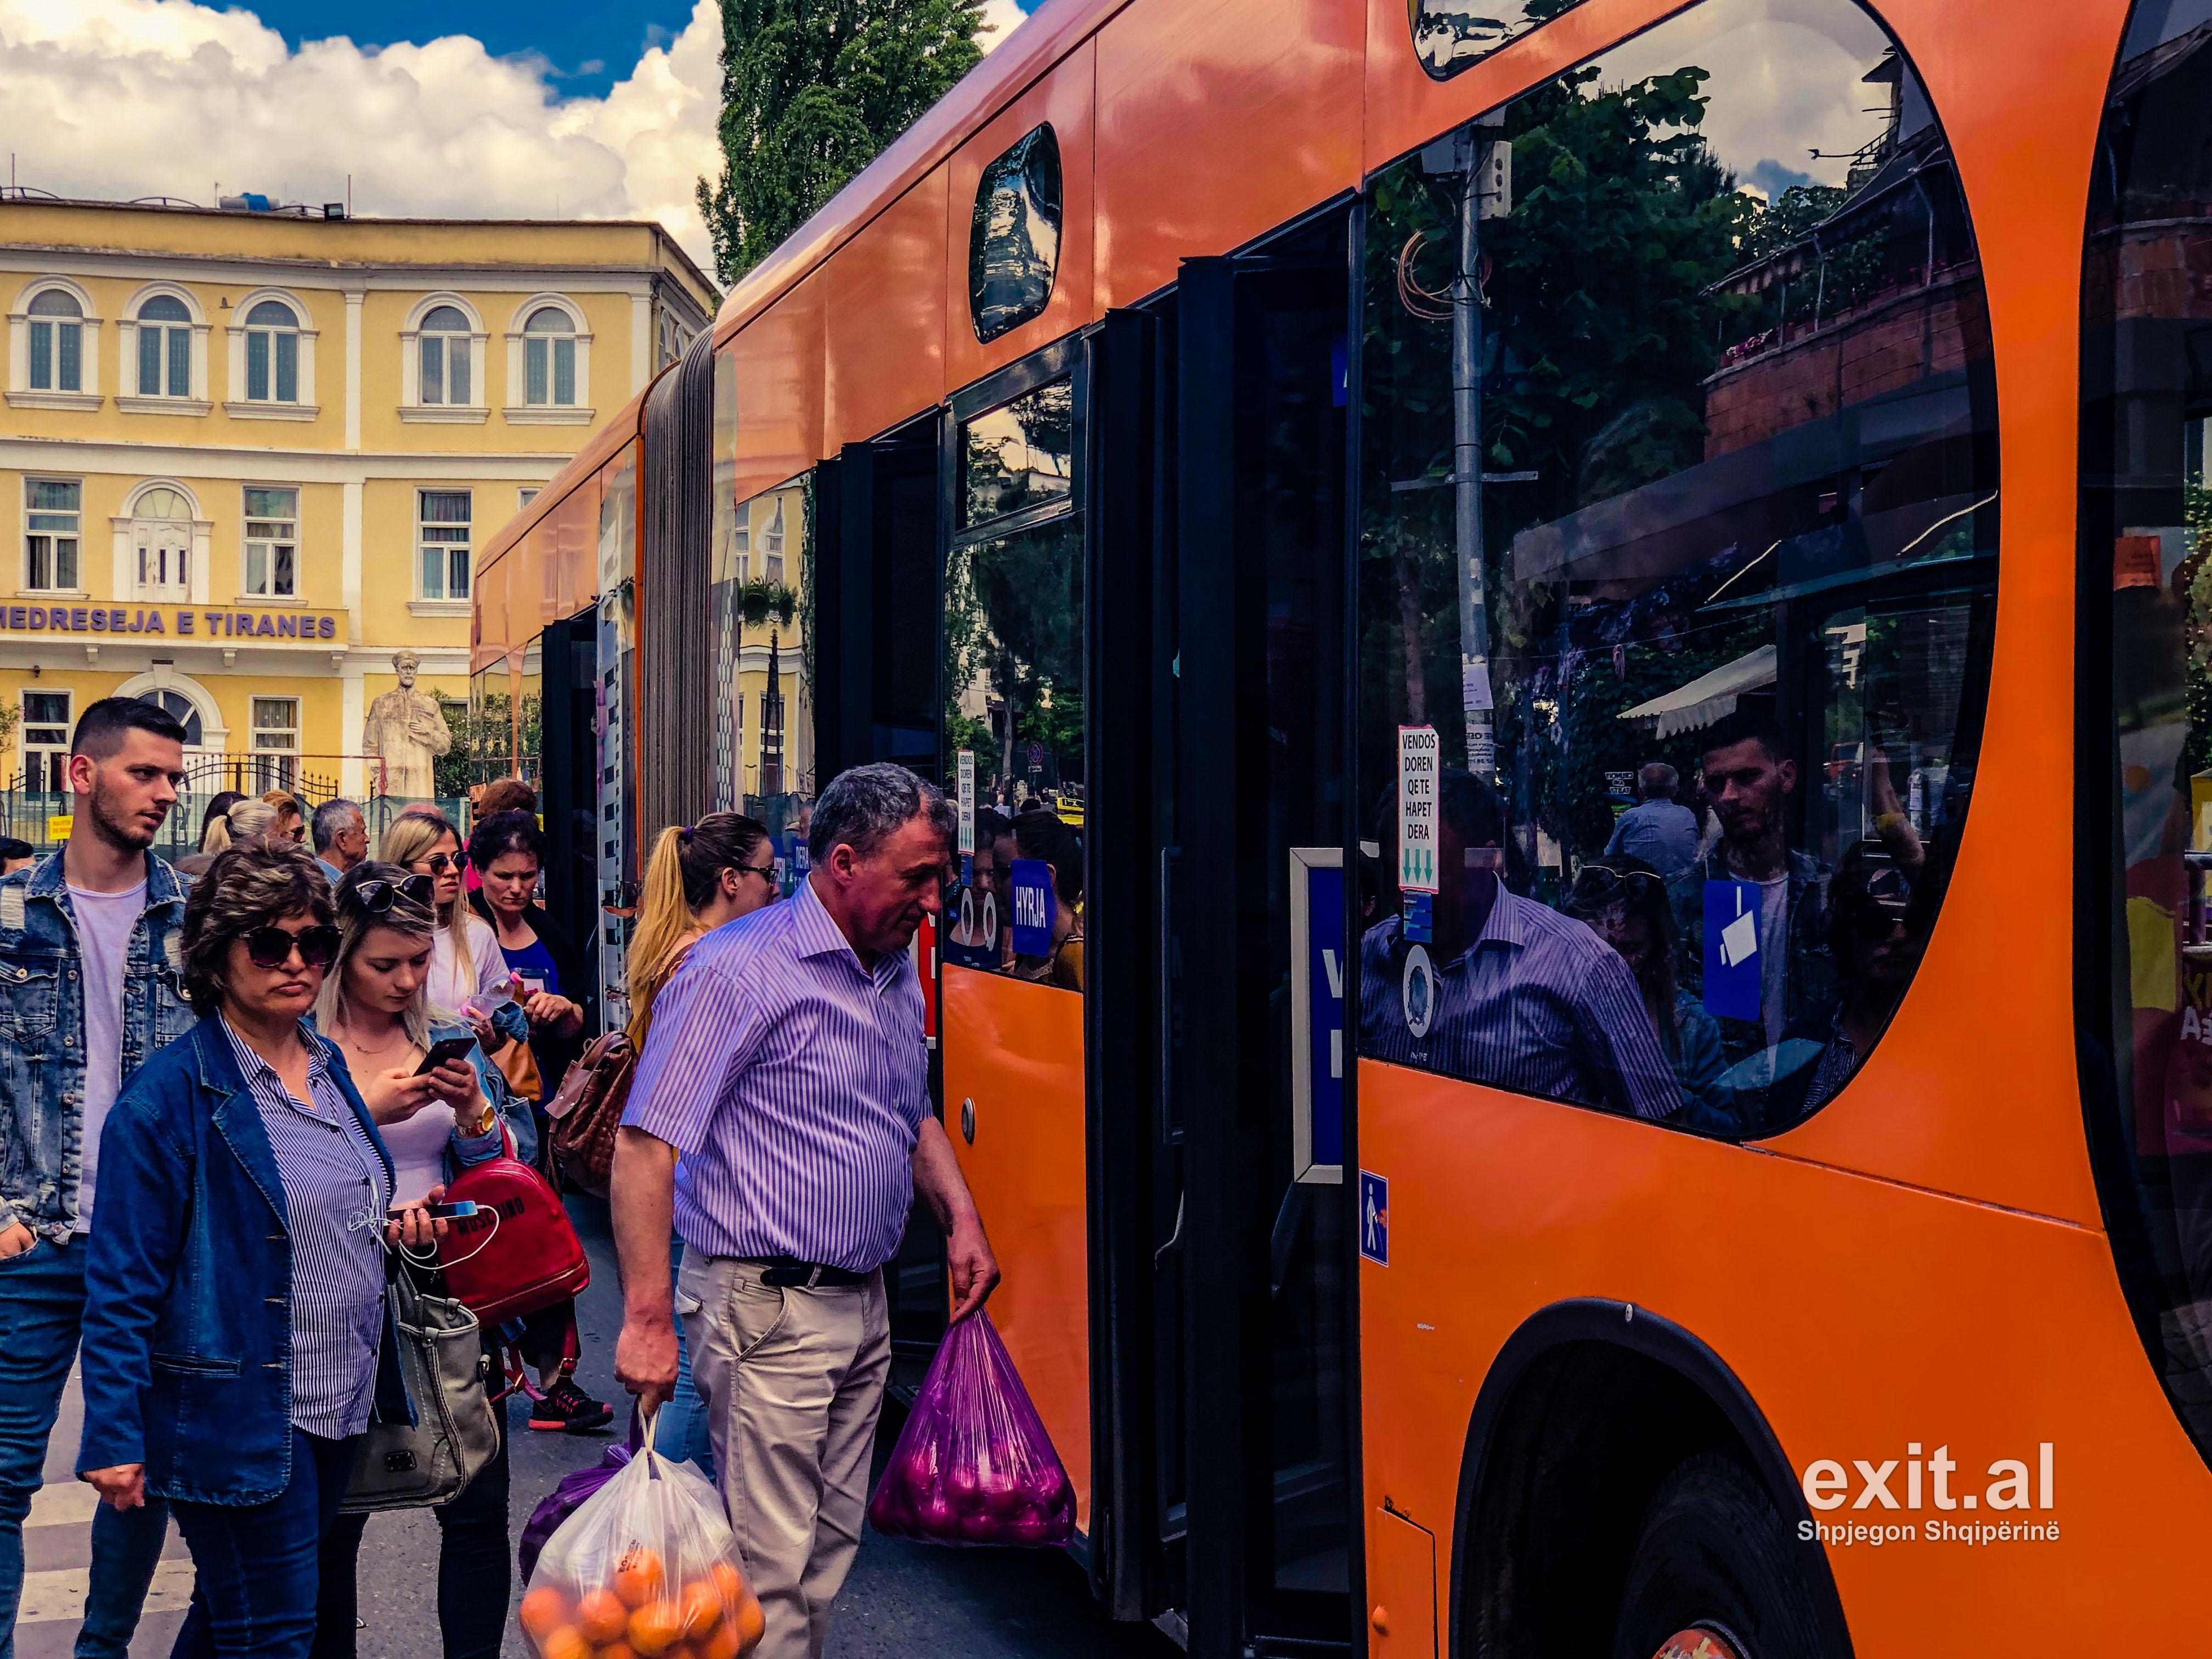 Shqipëria po plaket, në 5 vitet e fundit numri i pensionistëve u rrit me 12%